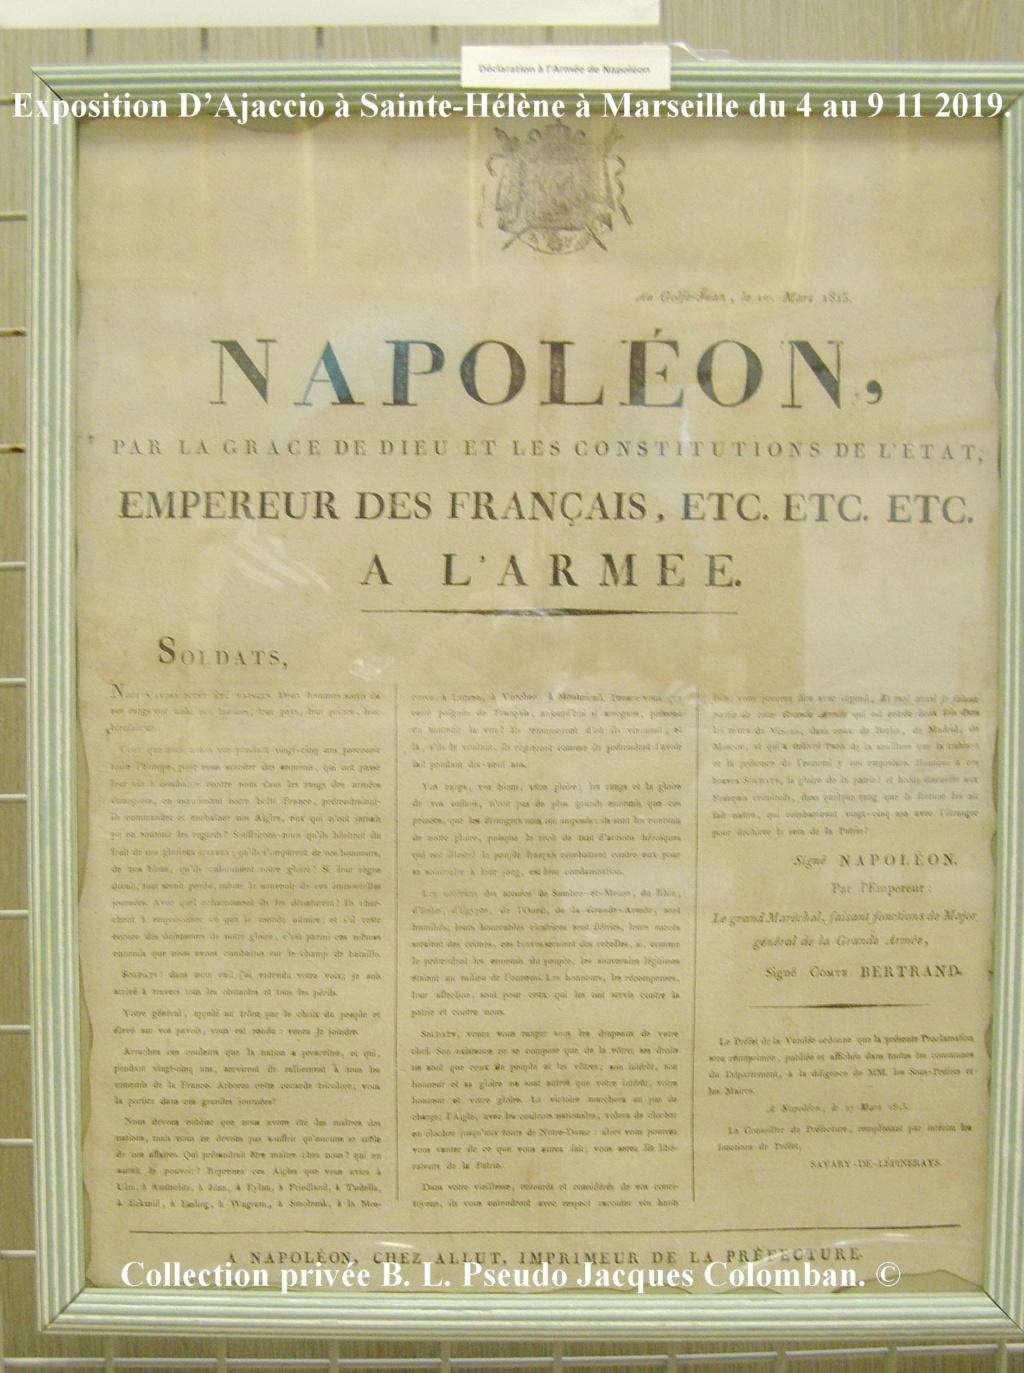 Exposition D'Ajaccio à Sainte-Hélène à Marseille. 2210